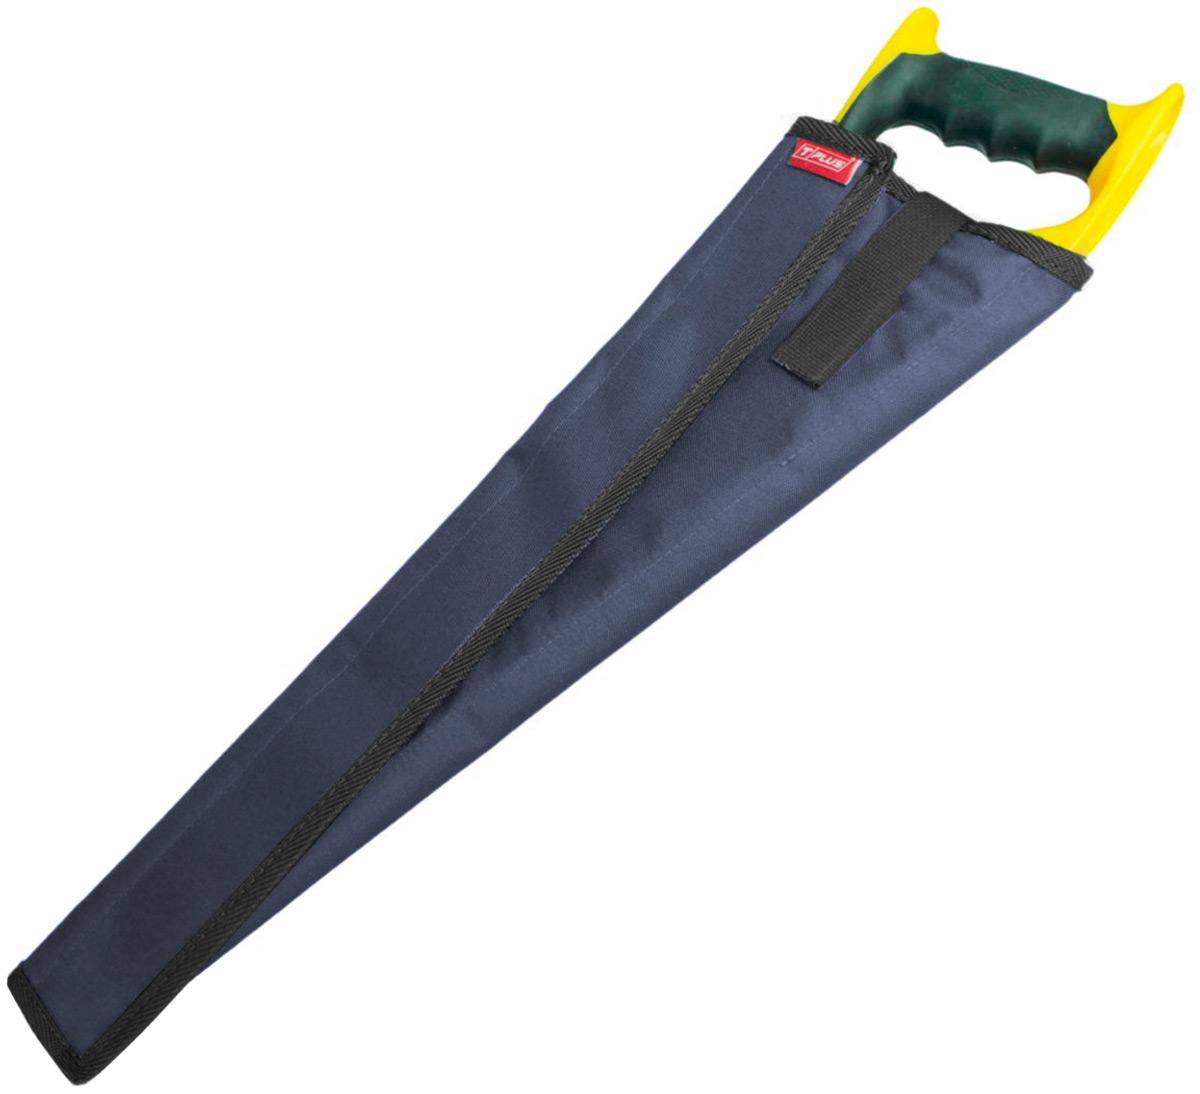 Чехол для ножовки Tplus, оксфорд 600, цвет: синий, 55 см